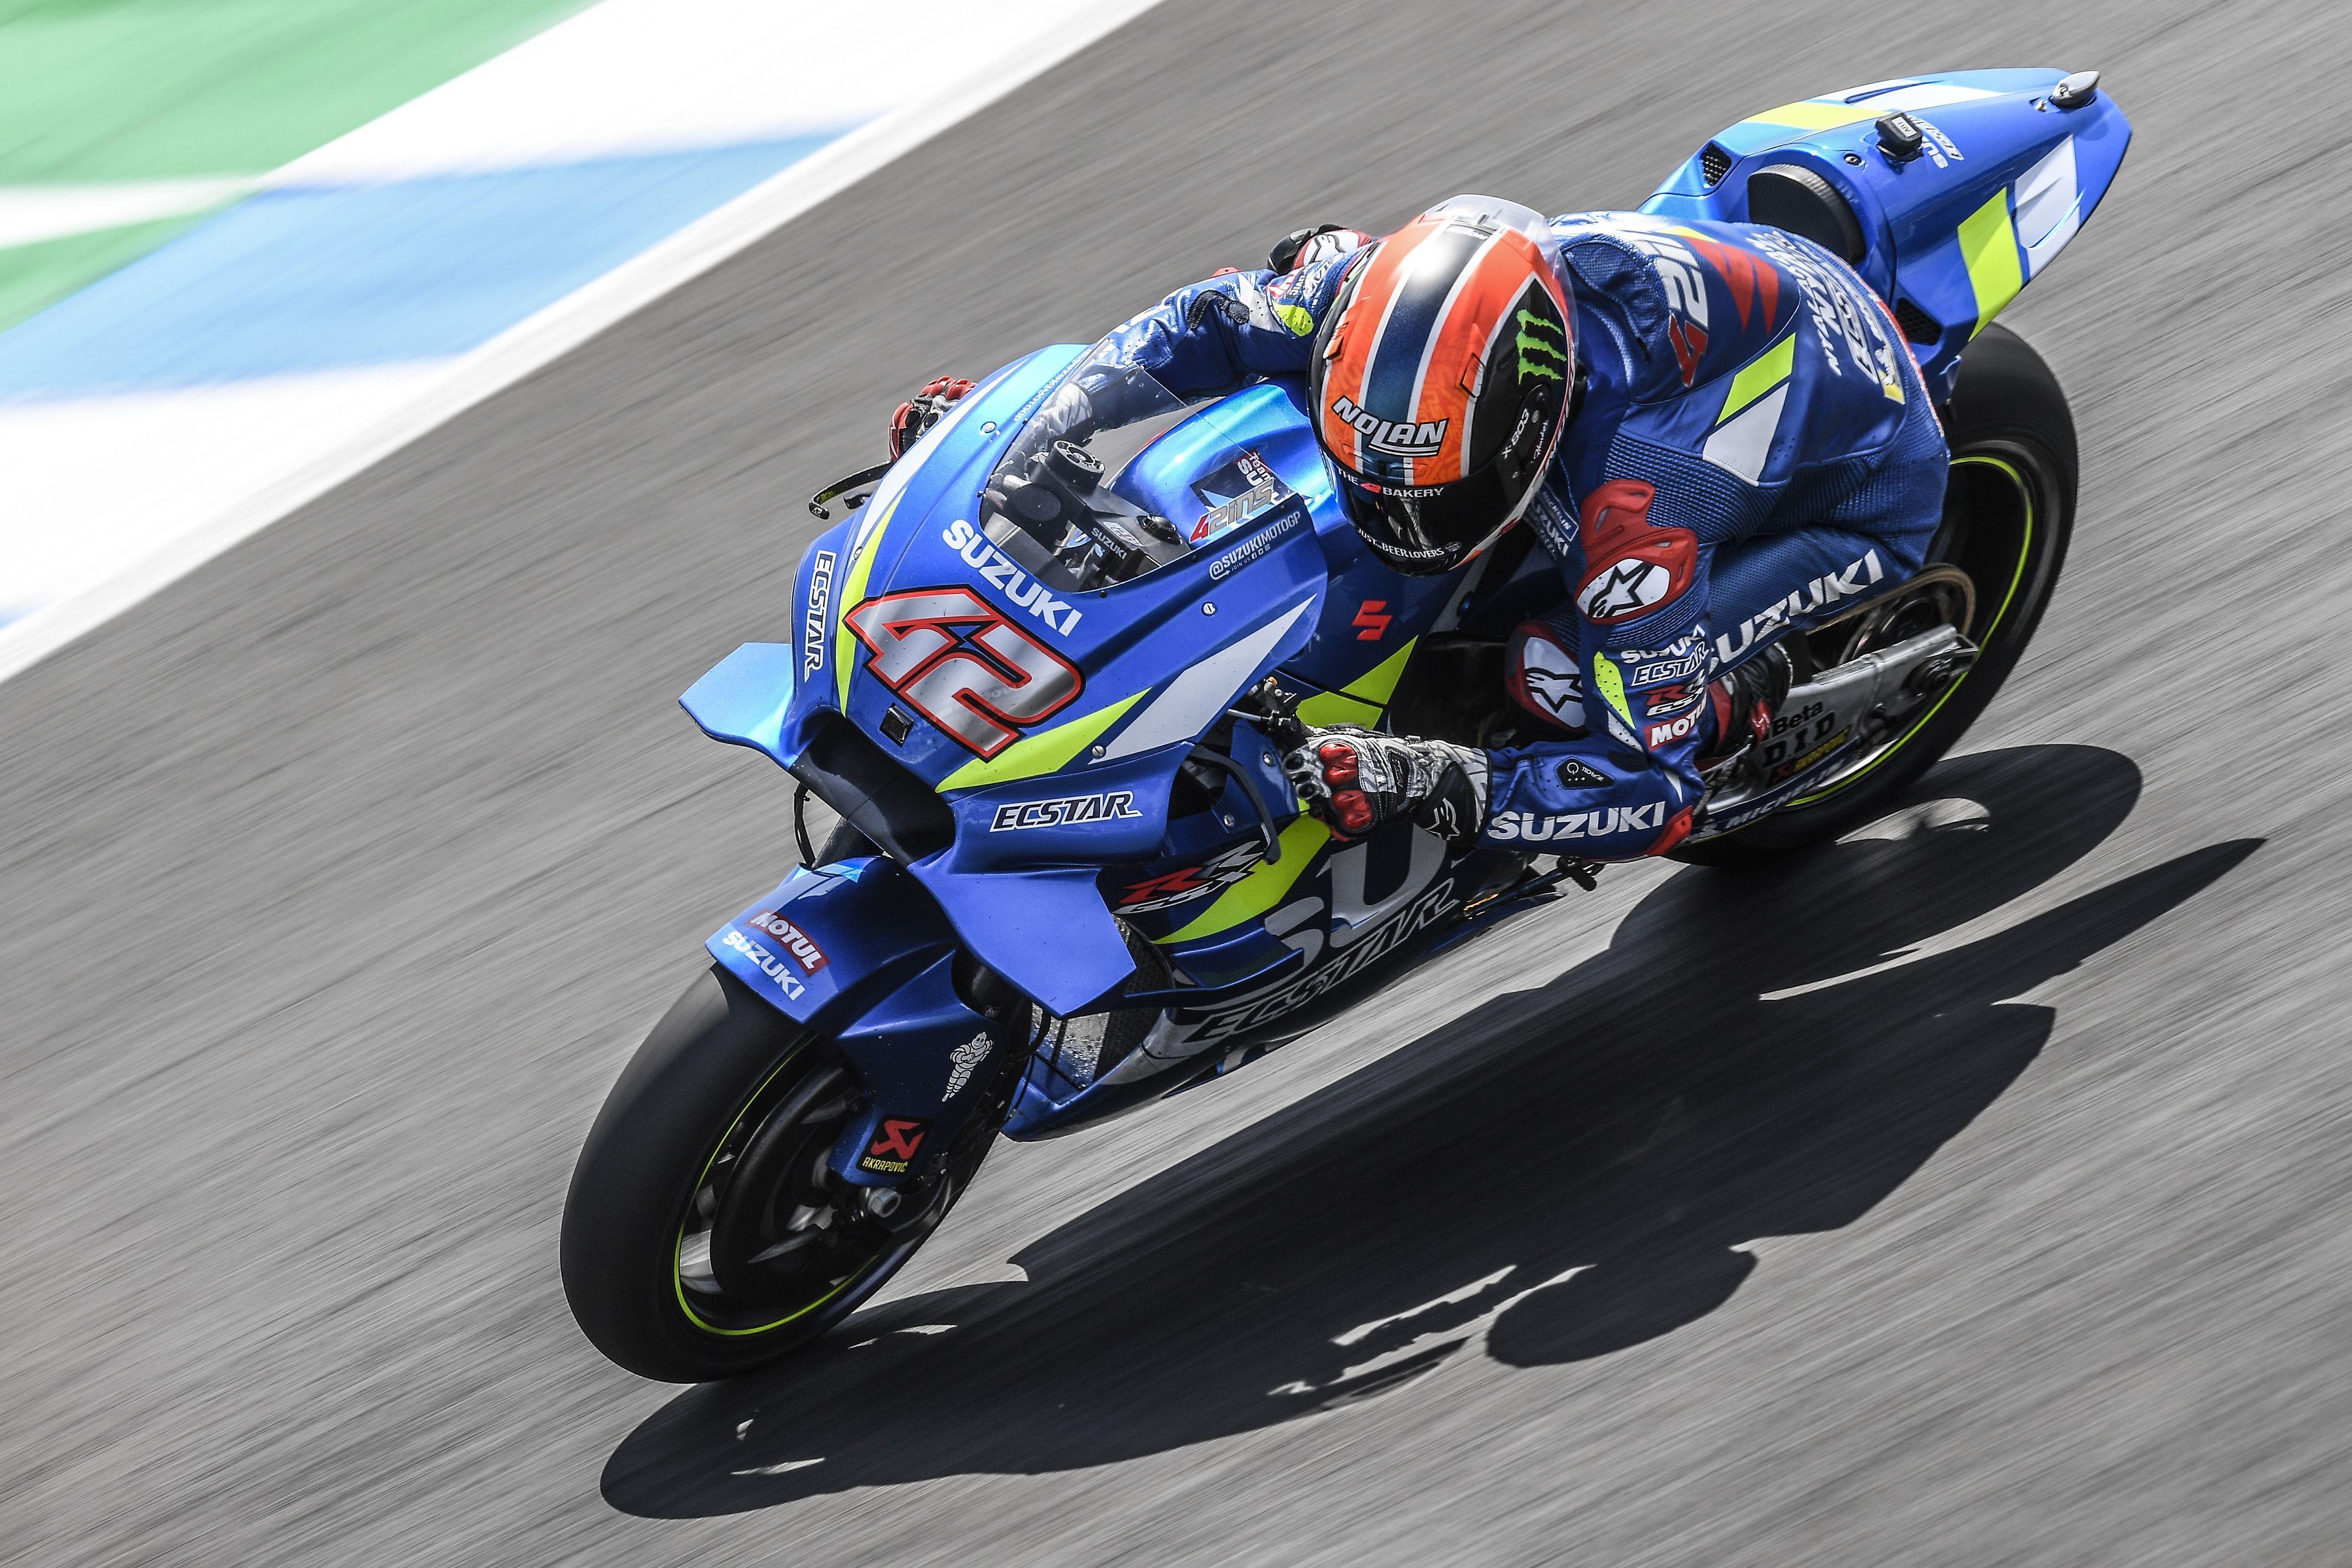 MotoGP2019ヘレステスト 8番手リンス「ル・マンに素晴らしいパッケージで向かう」